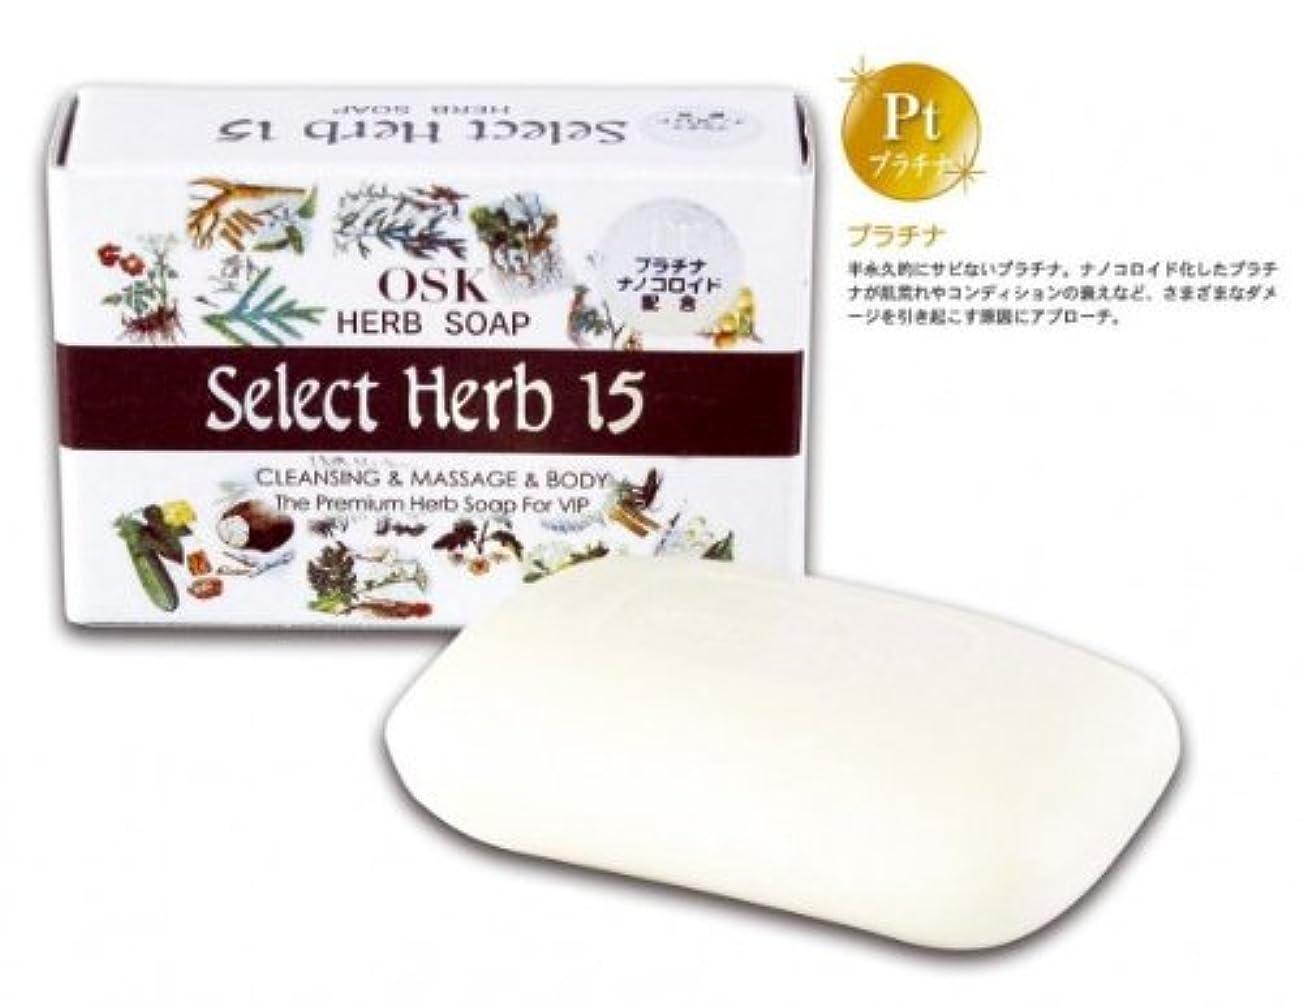 十分に指紋混雑NEW OSK SOAP SelectHerb15(ニューオーエスケーソープセレクトハーブ15)135g